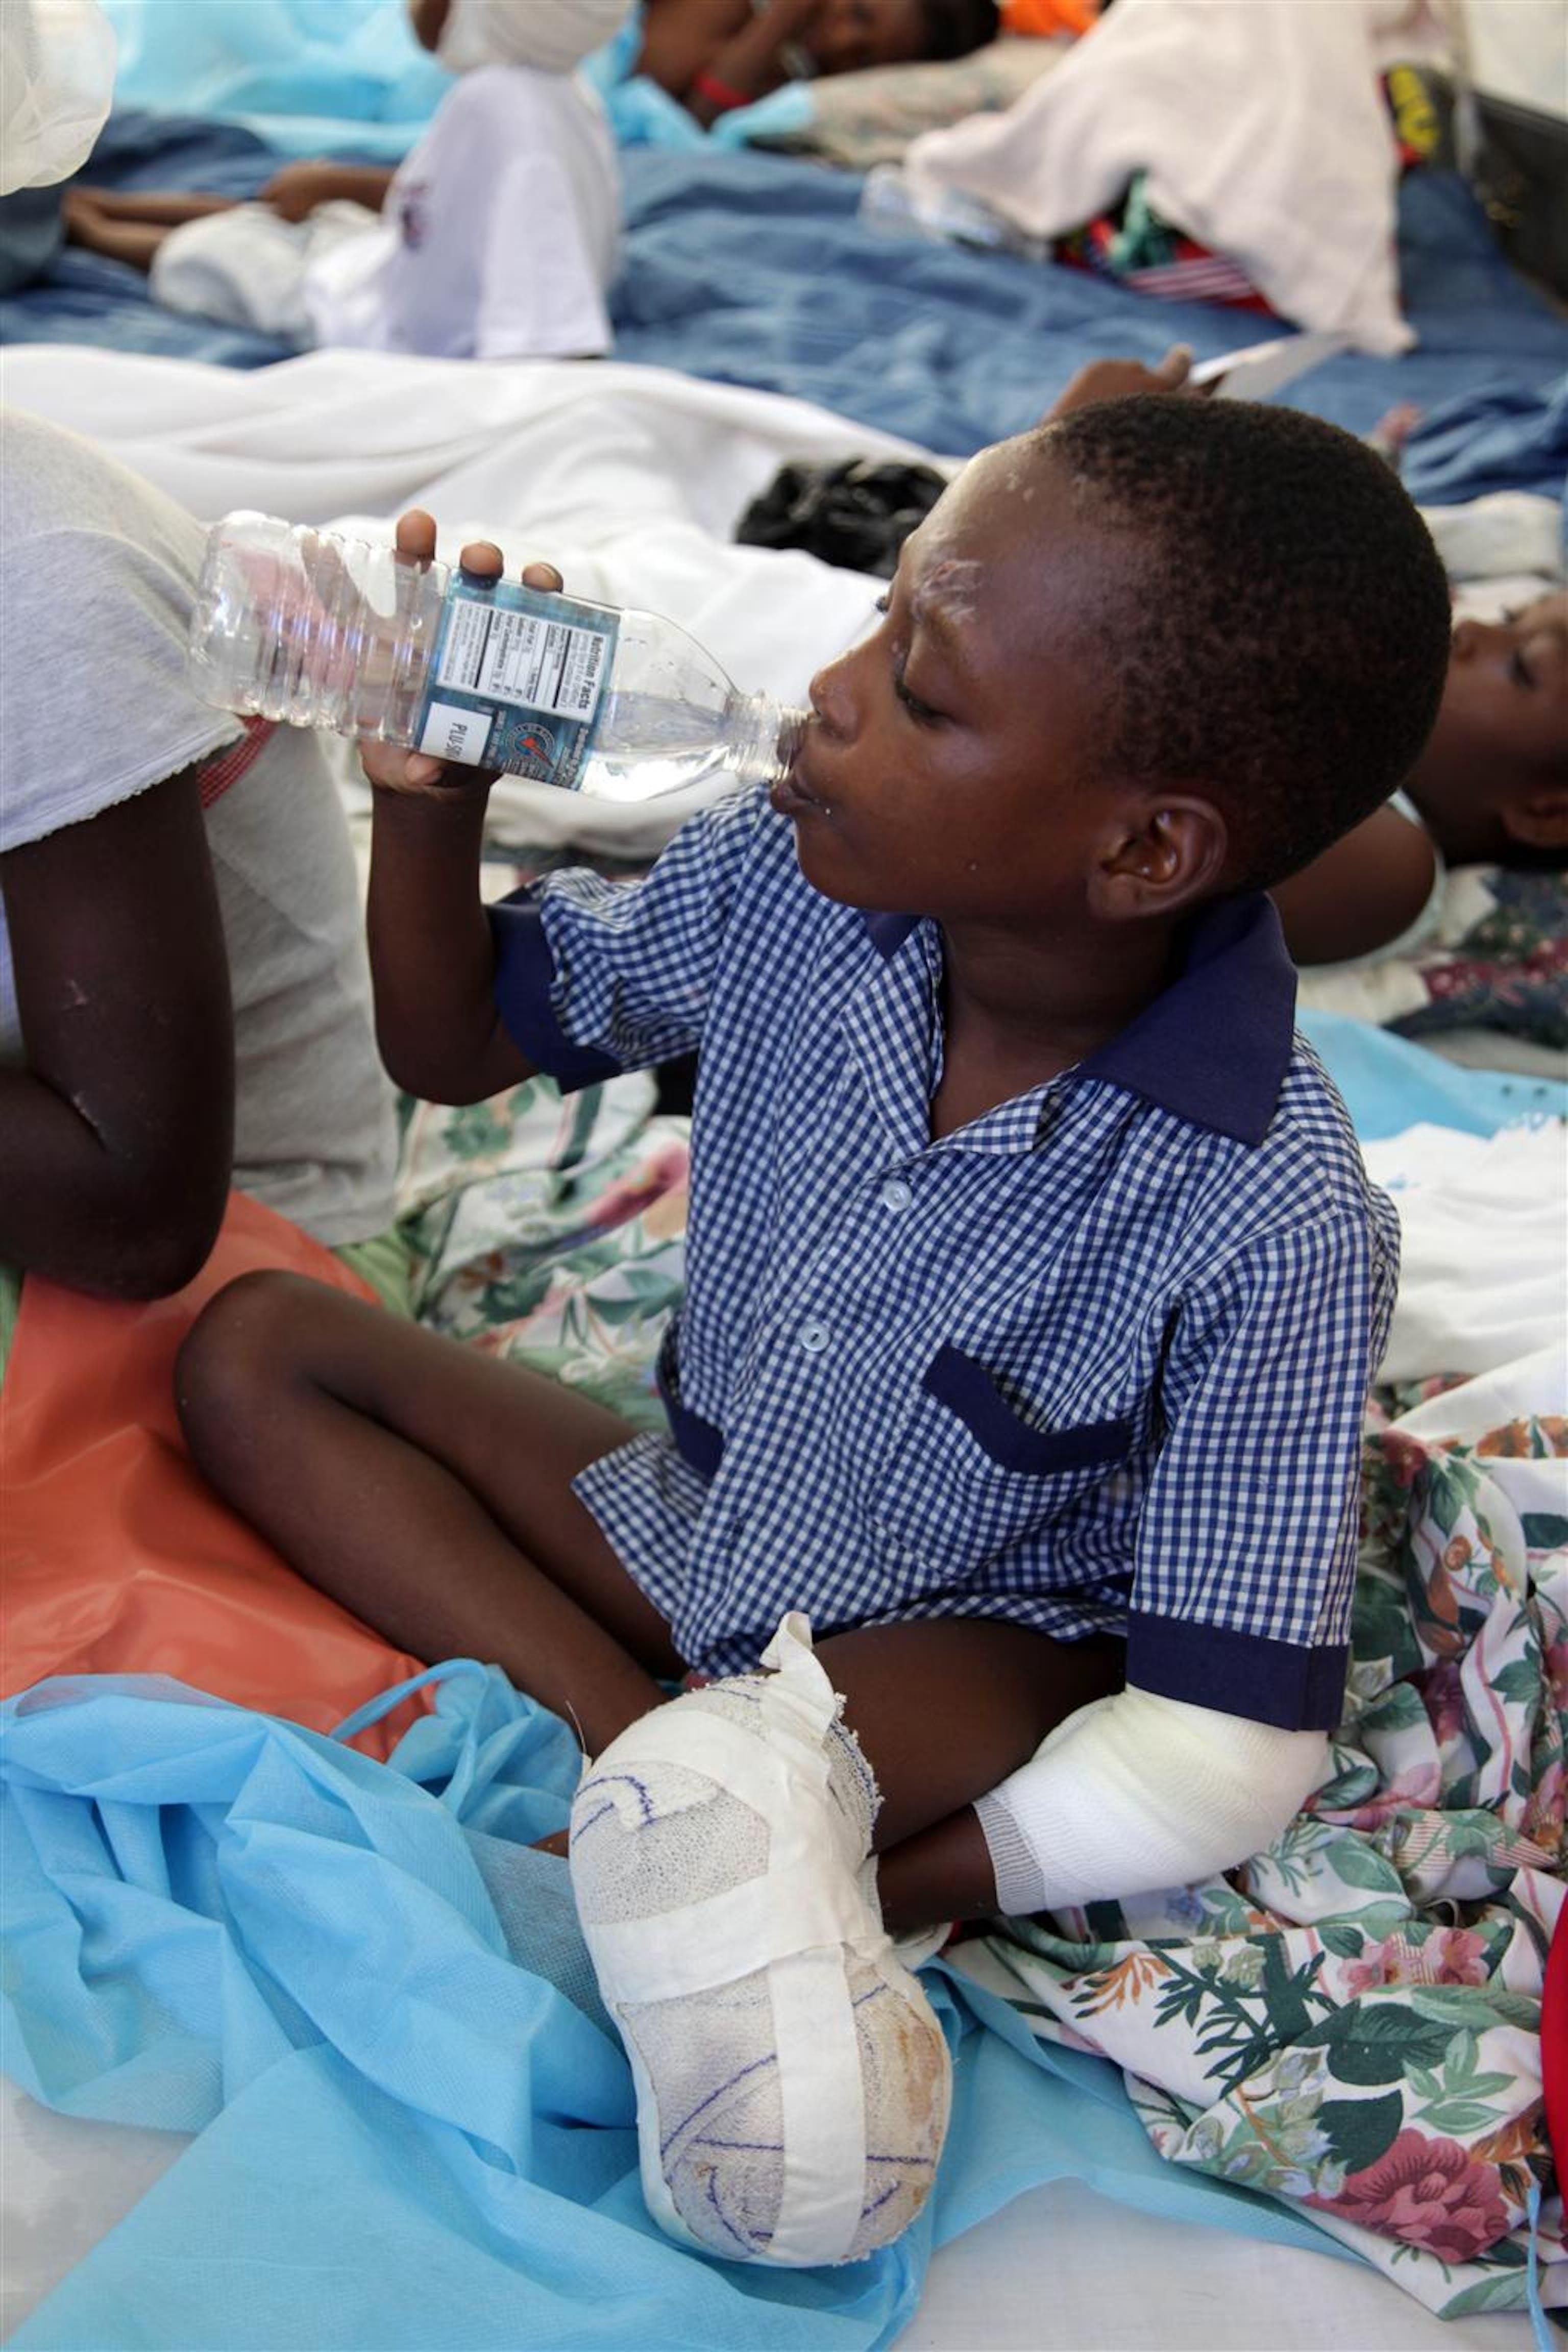 Un bambino che ha subito un'amputazione alla gamba sinistra beve in una tenda dove è stato allestito il reparto pediatrico dell'Ospedale Generale di Port-au-Prince. L'UNICEF rifornisce acqua in bottiglia a quasi tutti gli ospedali della capitale haitiana